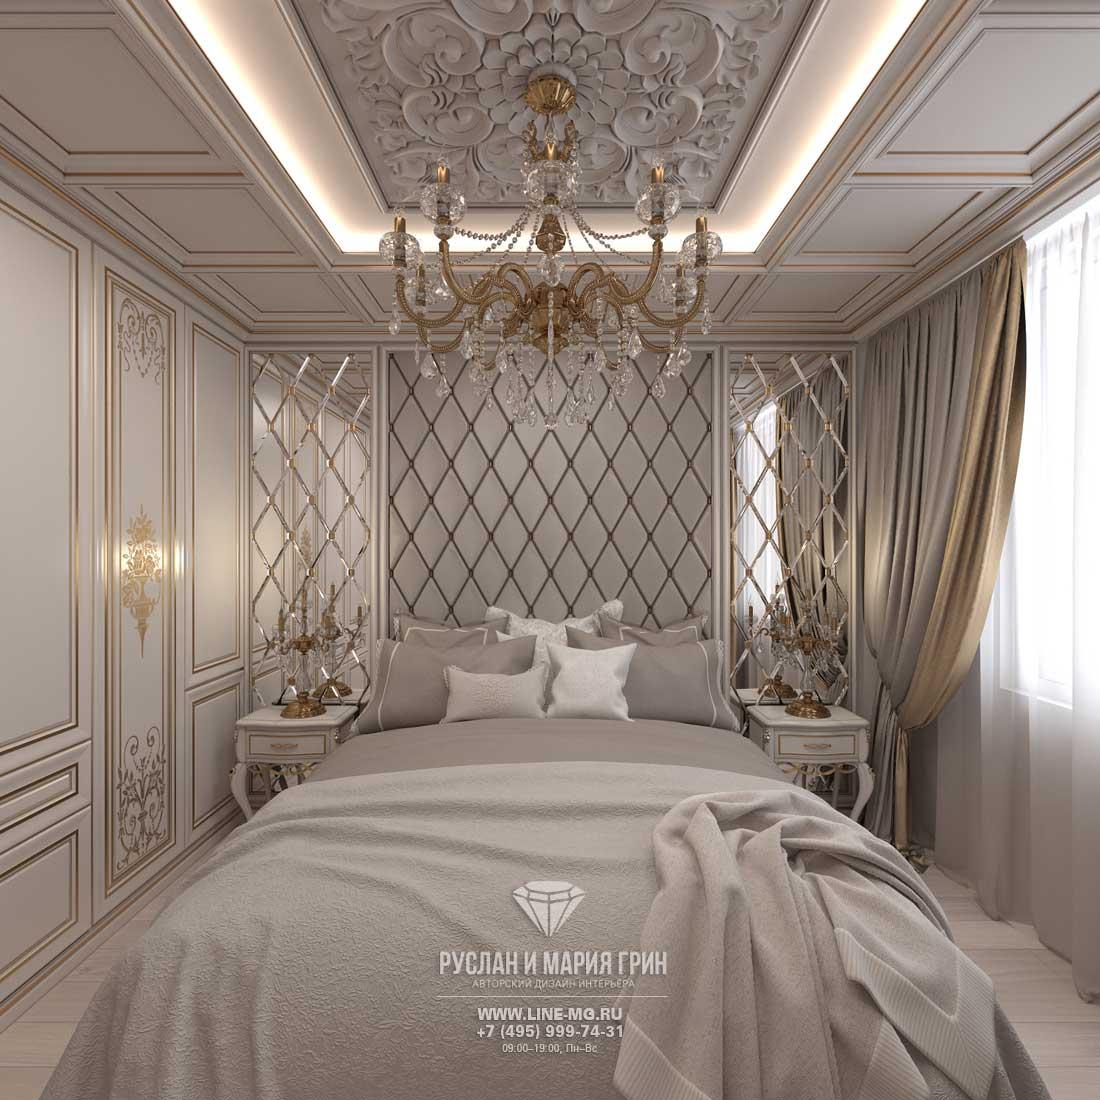 дизайн спальни фото в современном стиле идеи с фото примерами для